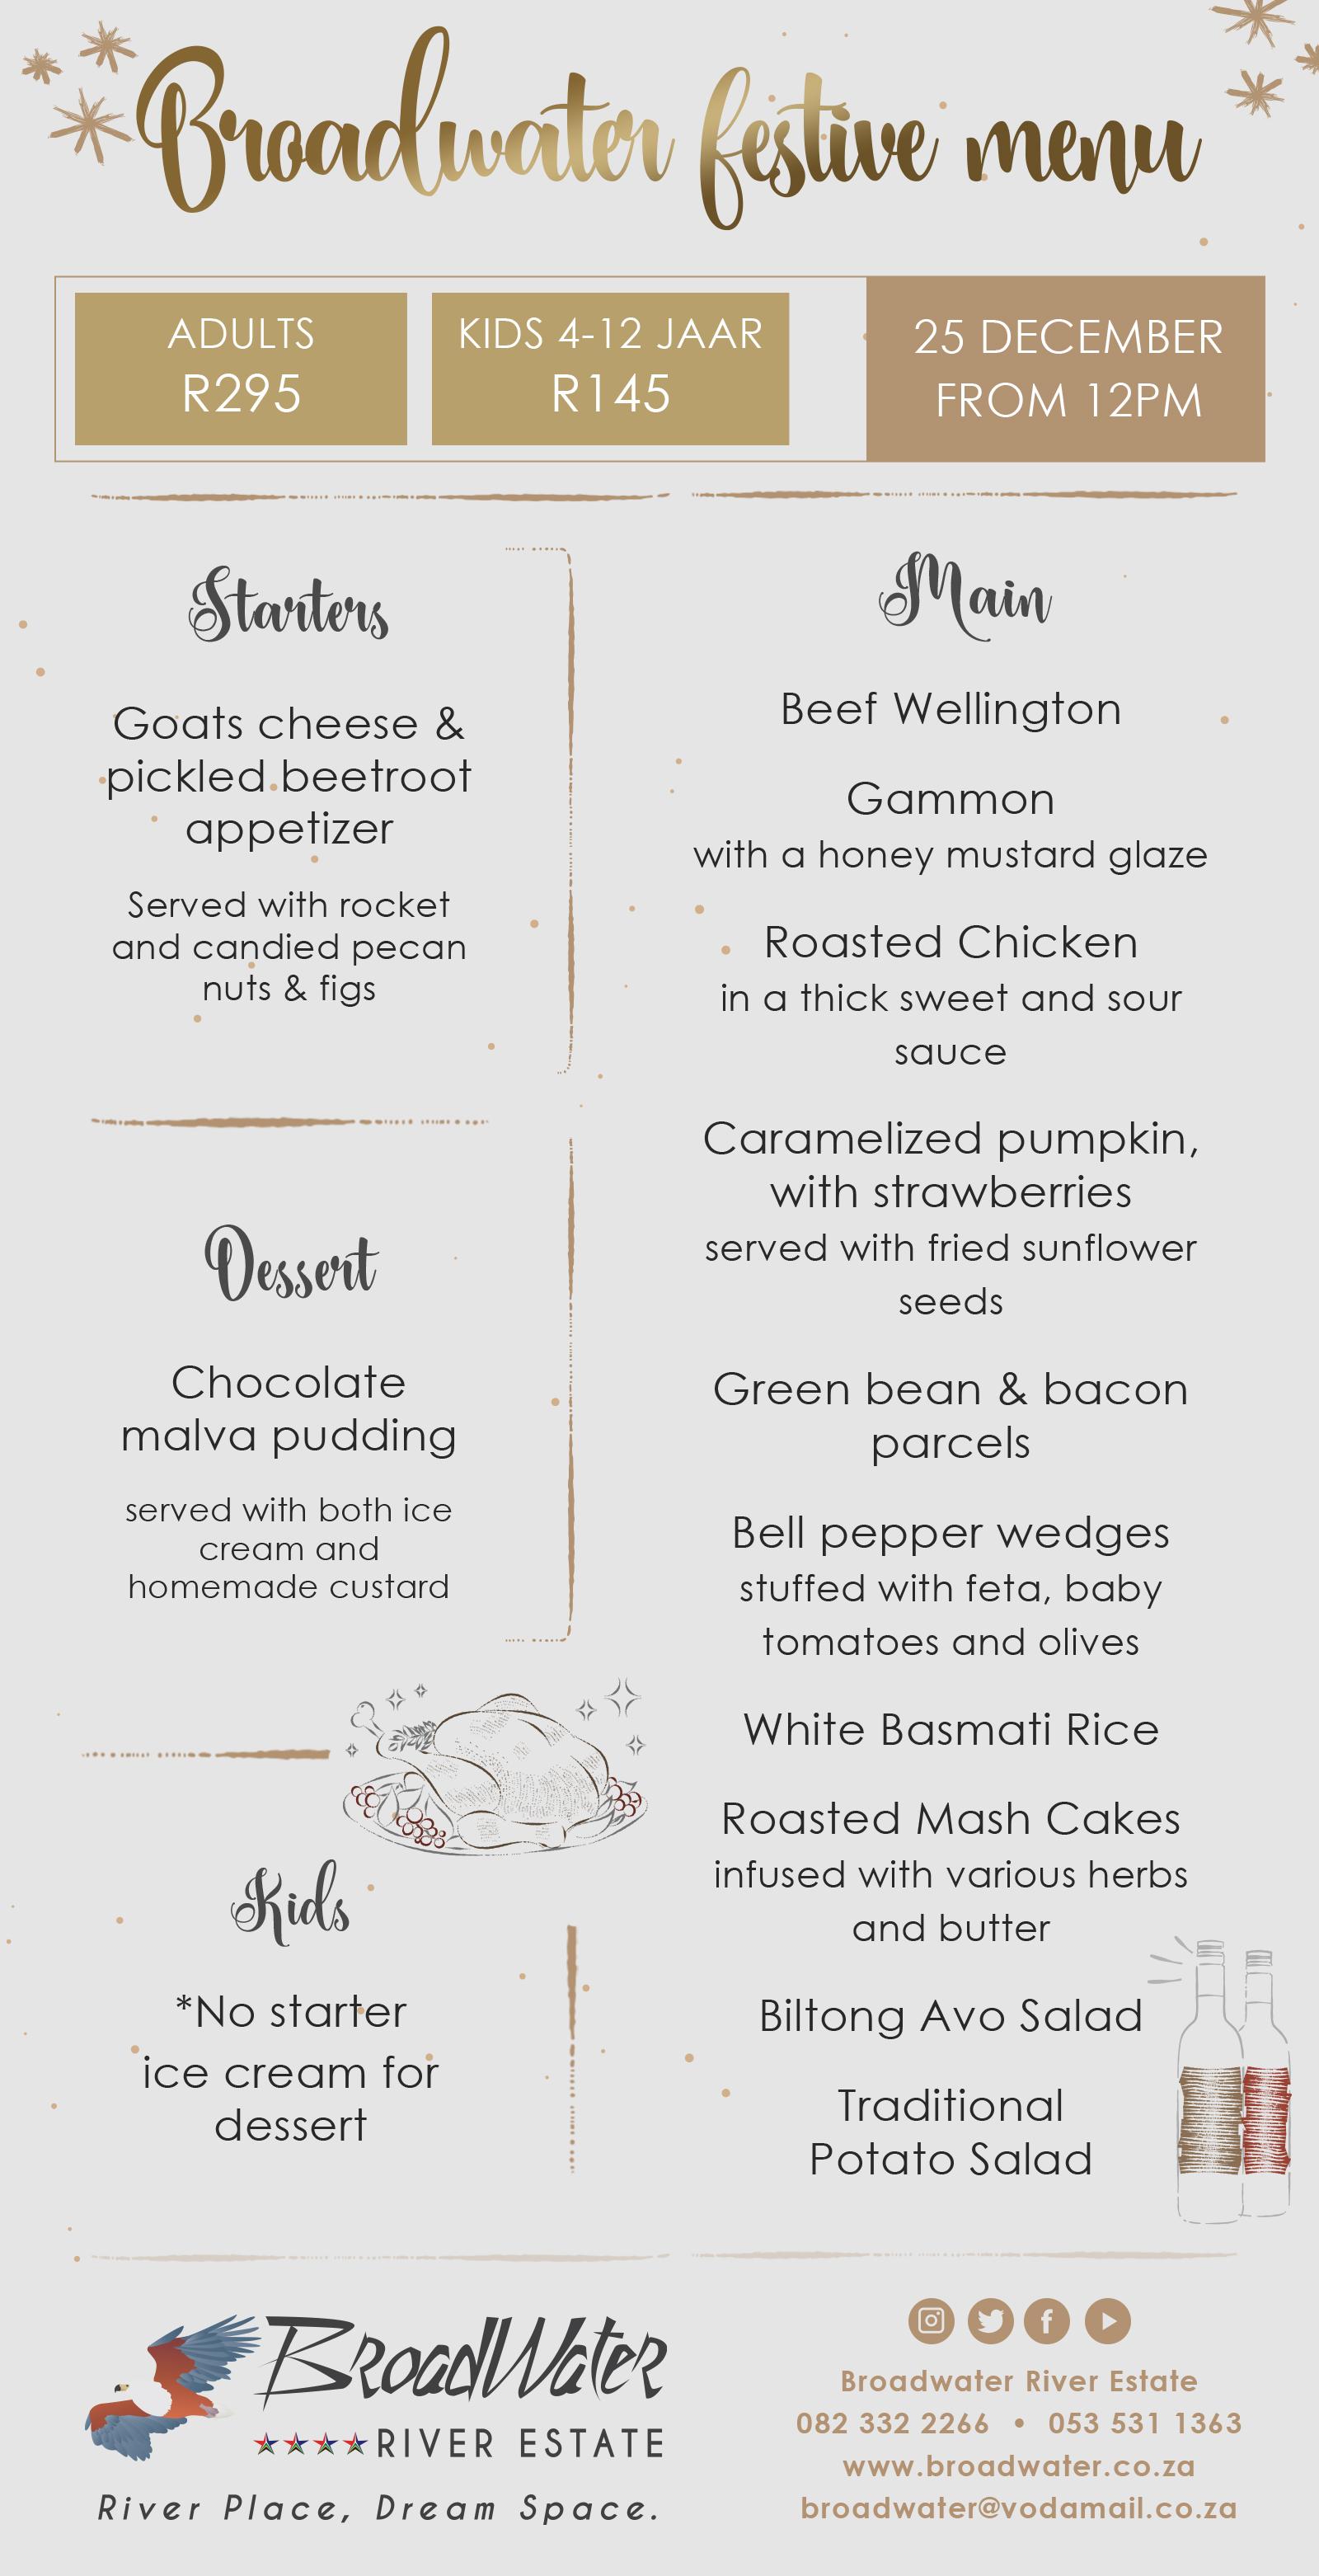 our broadwater festive menu